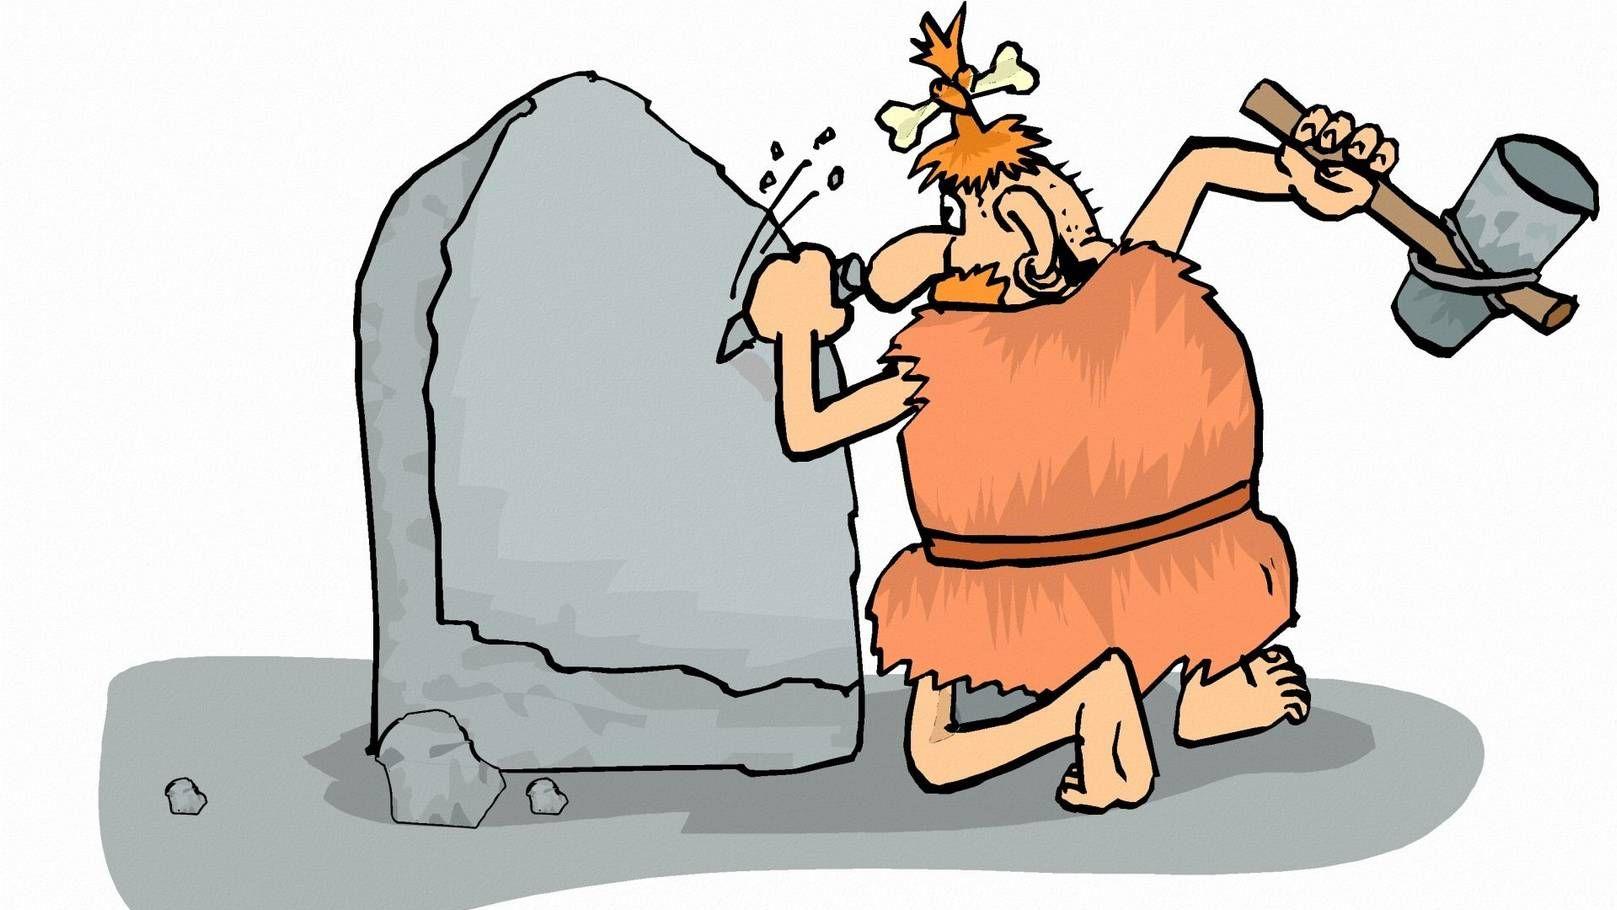 Пещерные люди картинки смешные